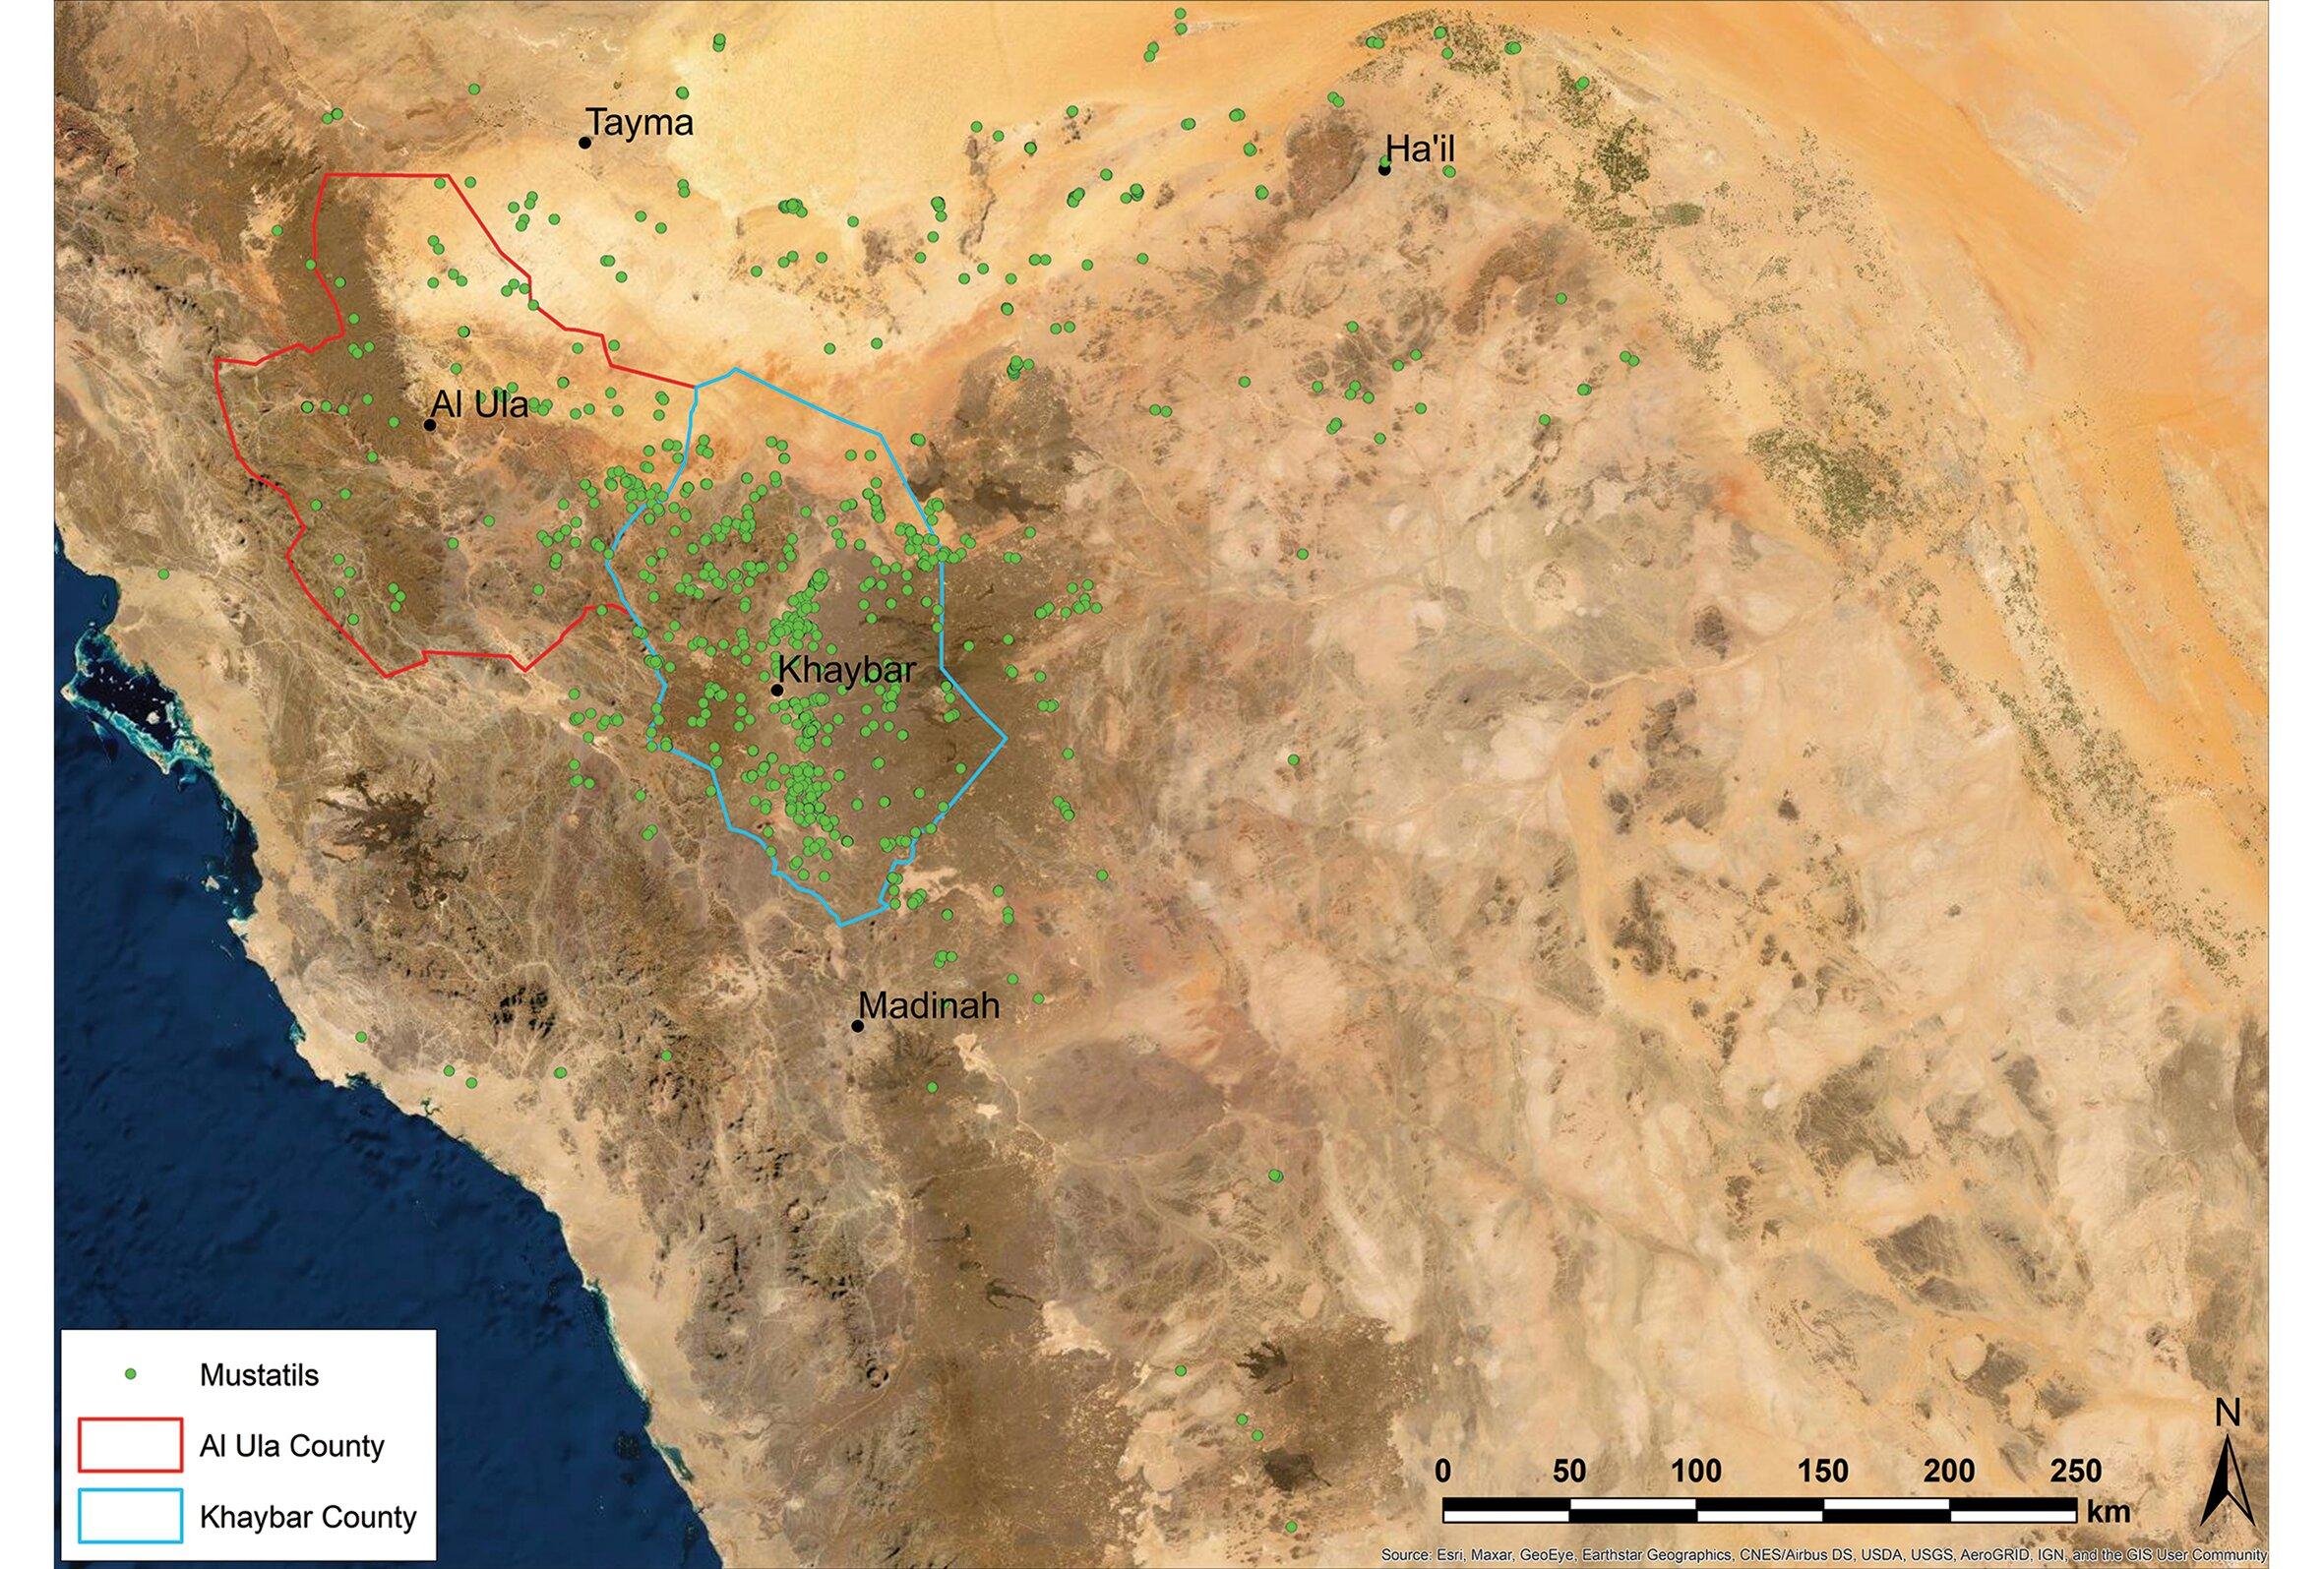 توزيع المستطيلات في شمال غرب الجزيرة العربية (الهيئة الملكية بالعلا)